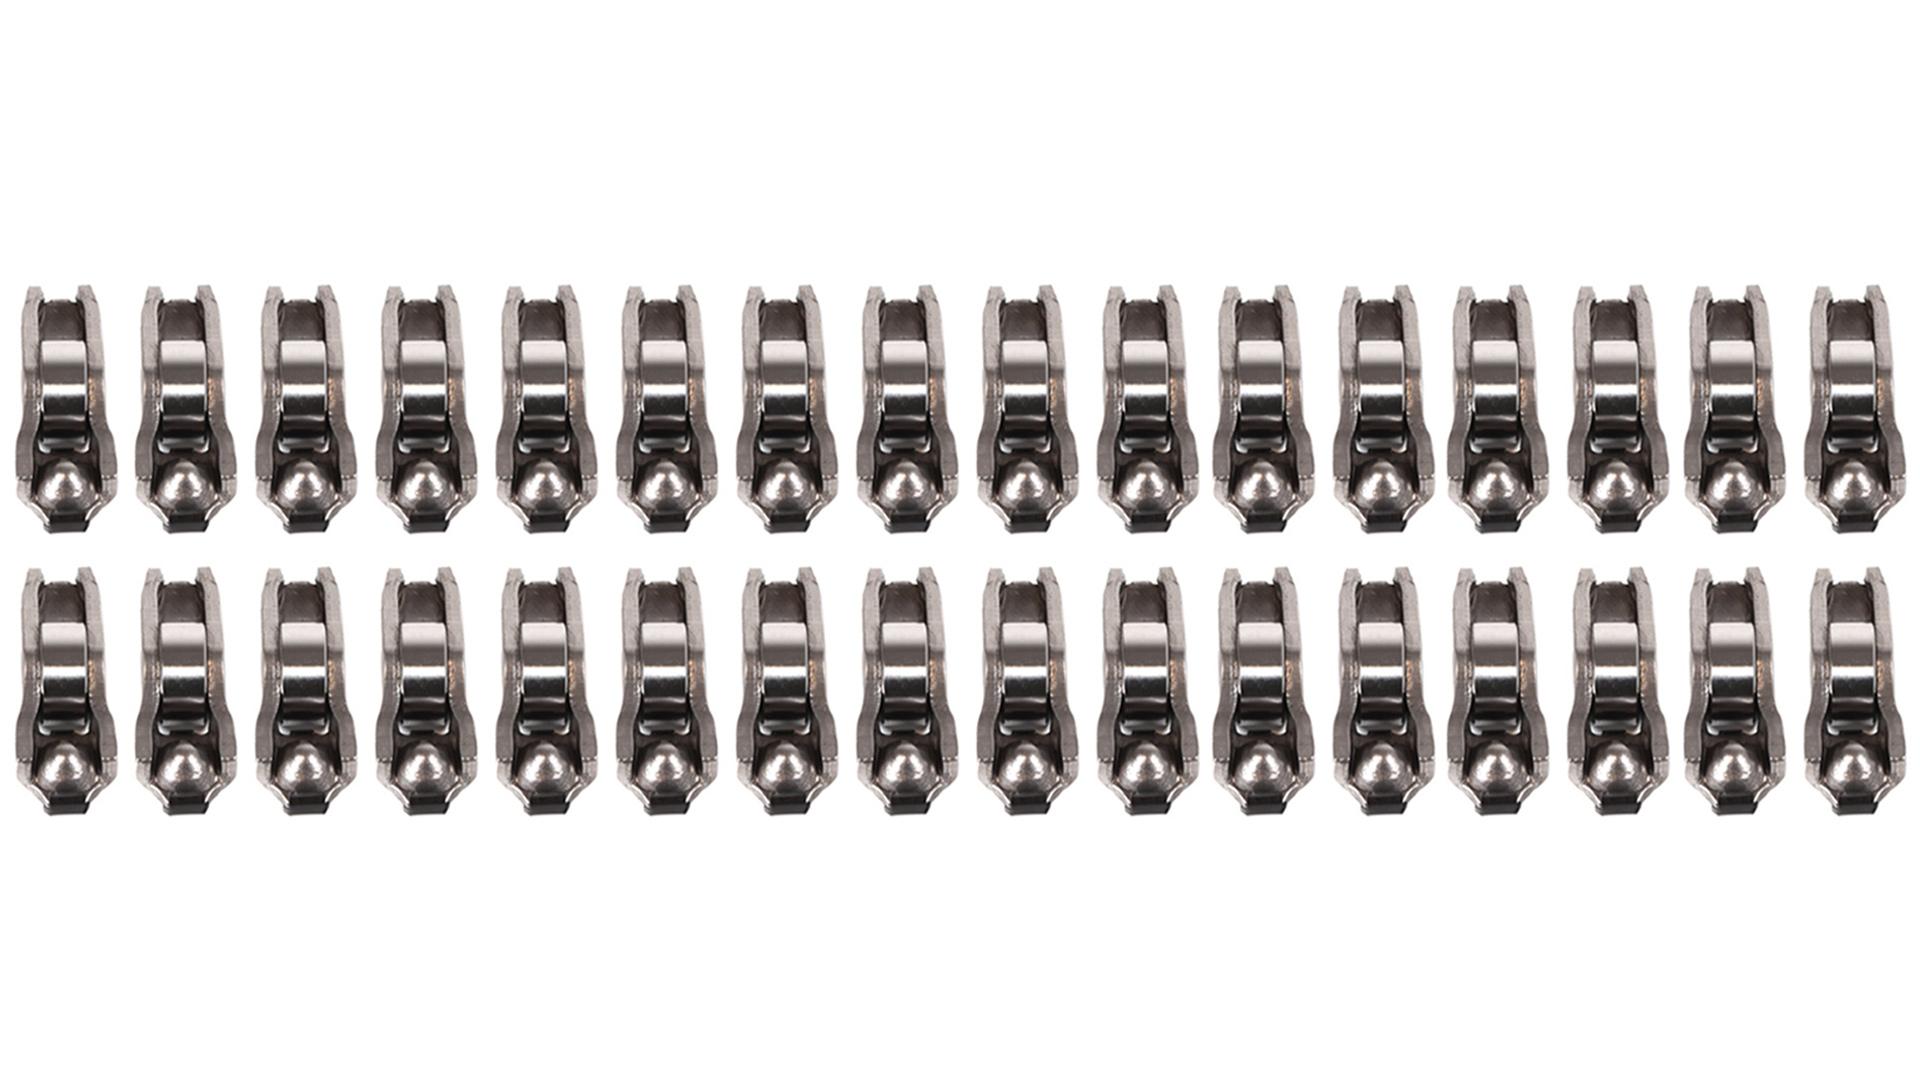 32x Bilanciere Bilancieri Audi A6 RS6 A7 RS7 A8 4,0 TFSI CWUB CRDB CGTA Nuovo